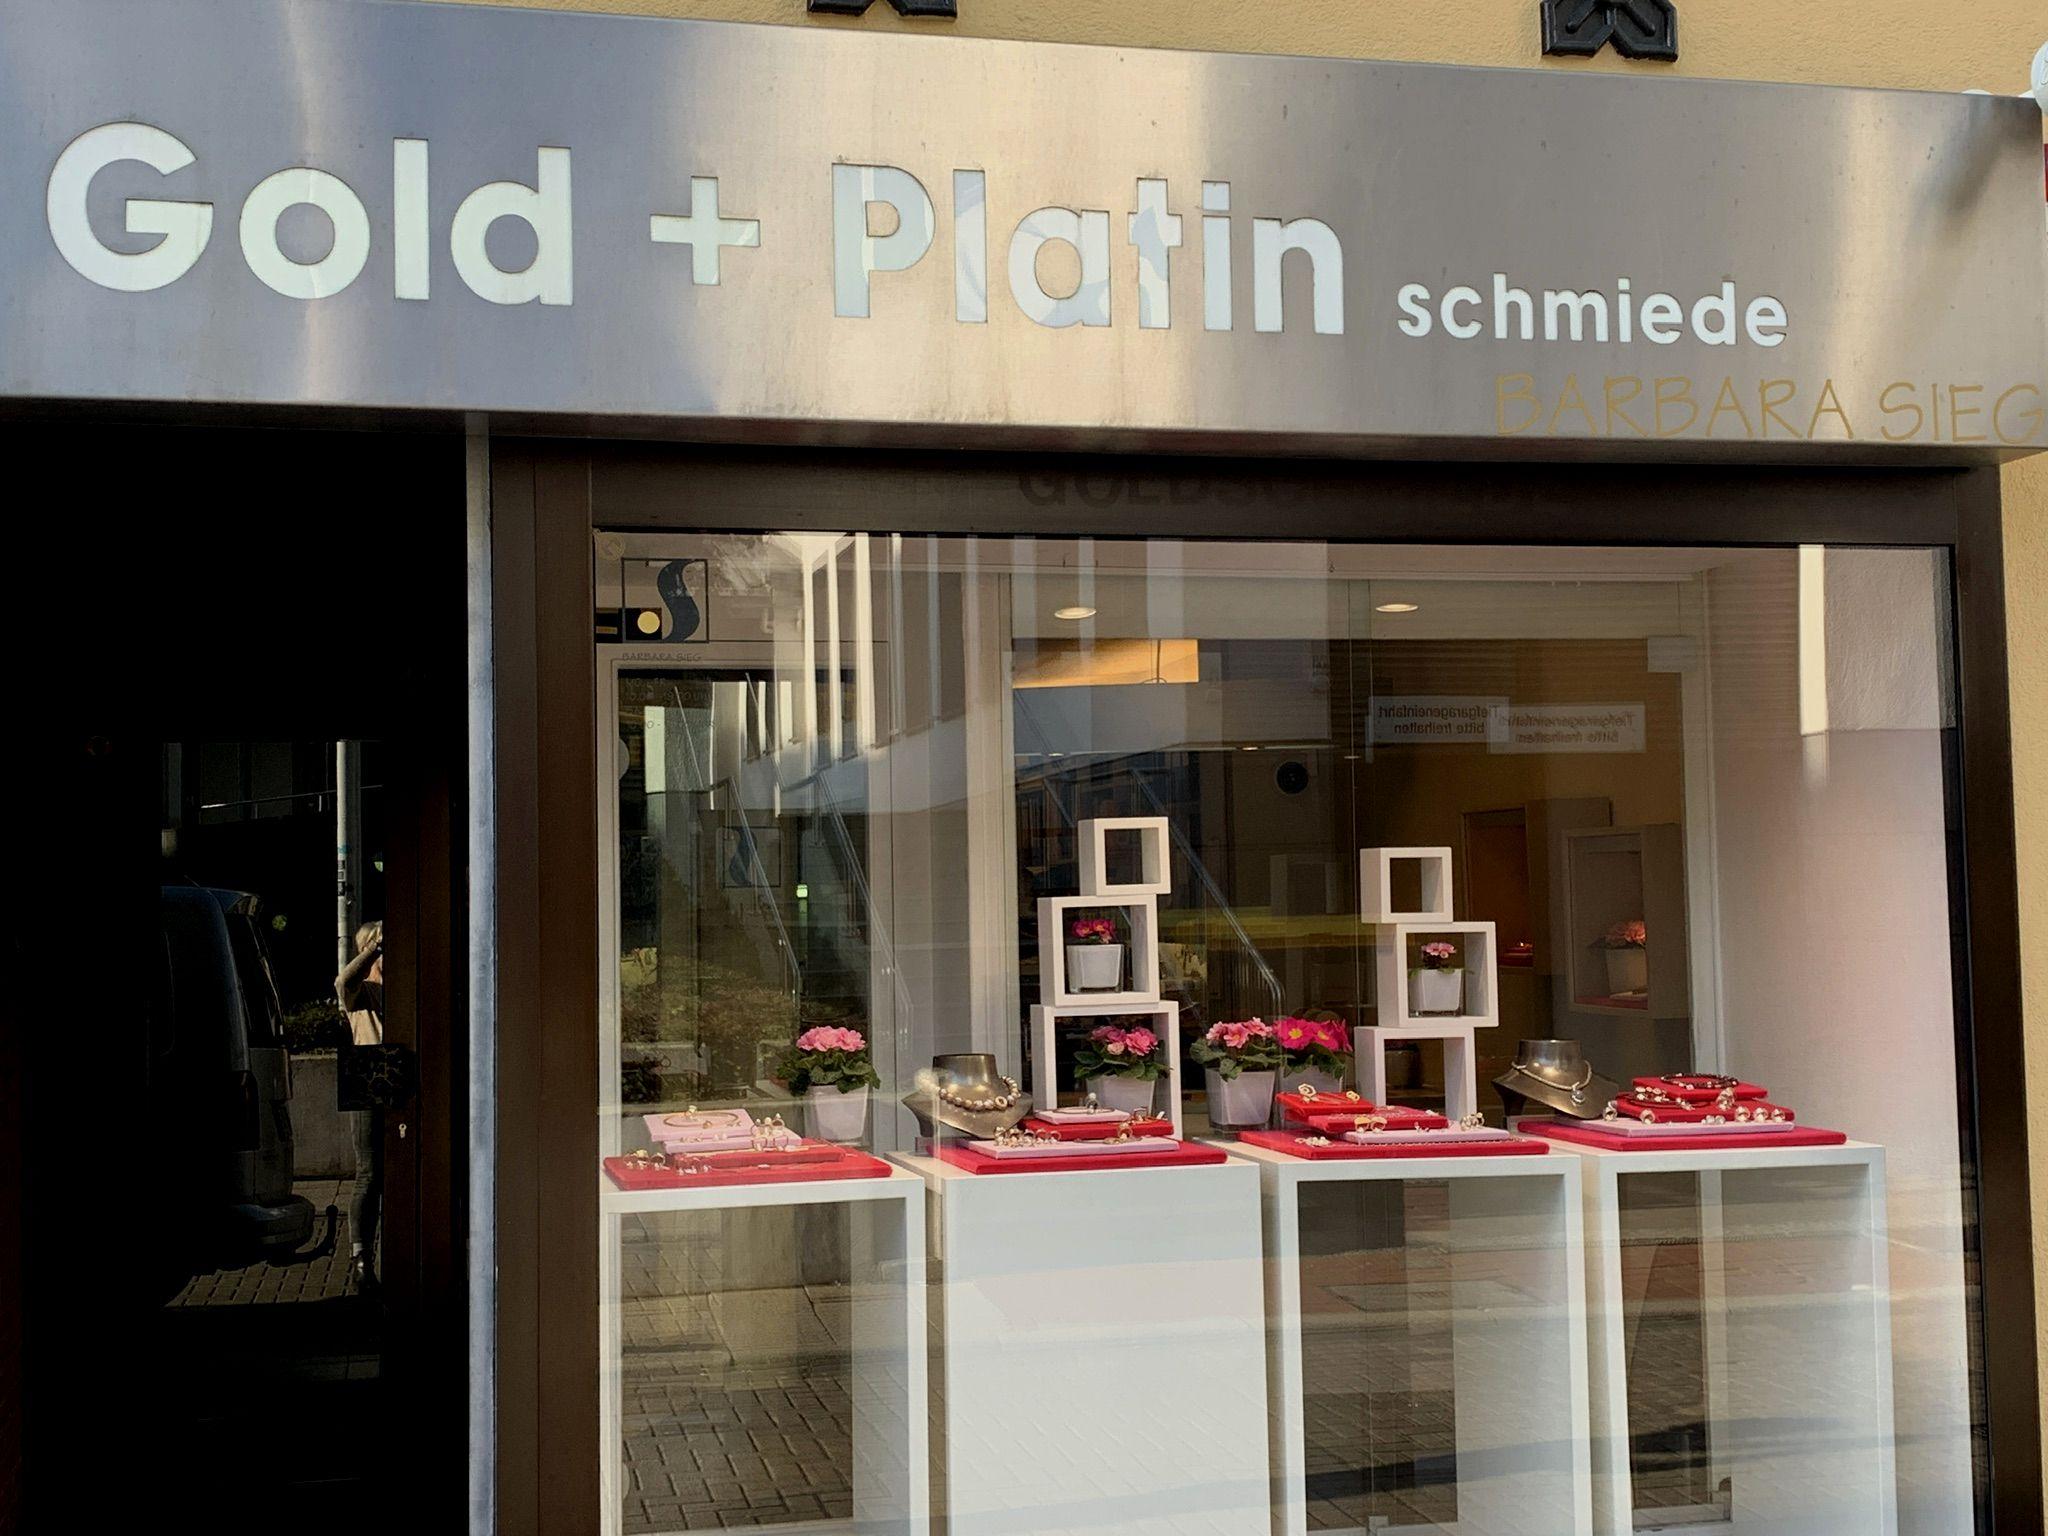 Gold & Platinschmiede Barbara Sieg